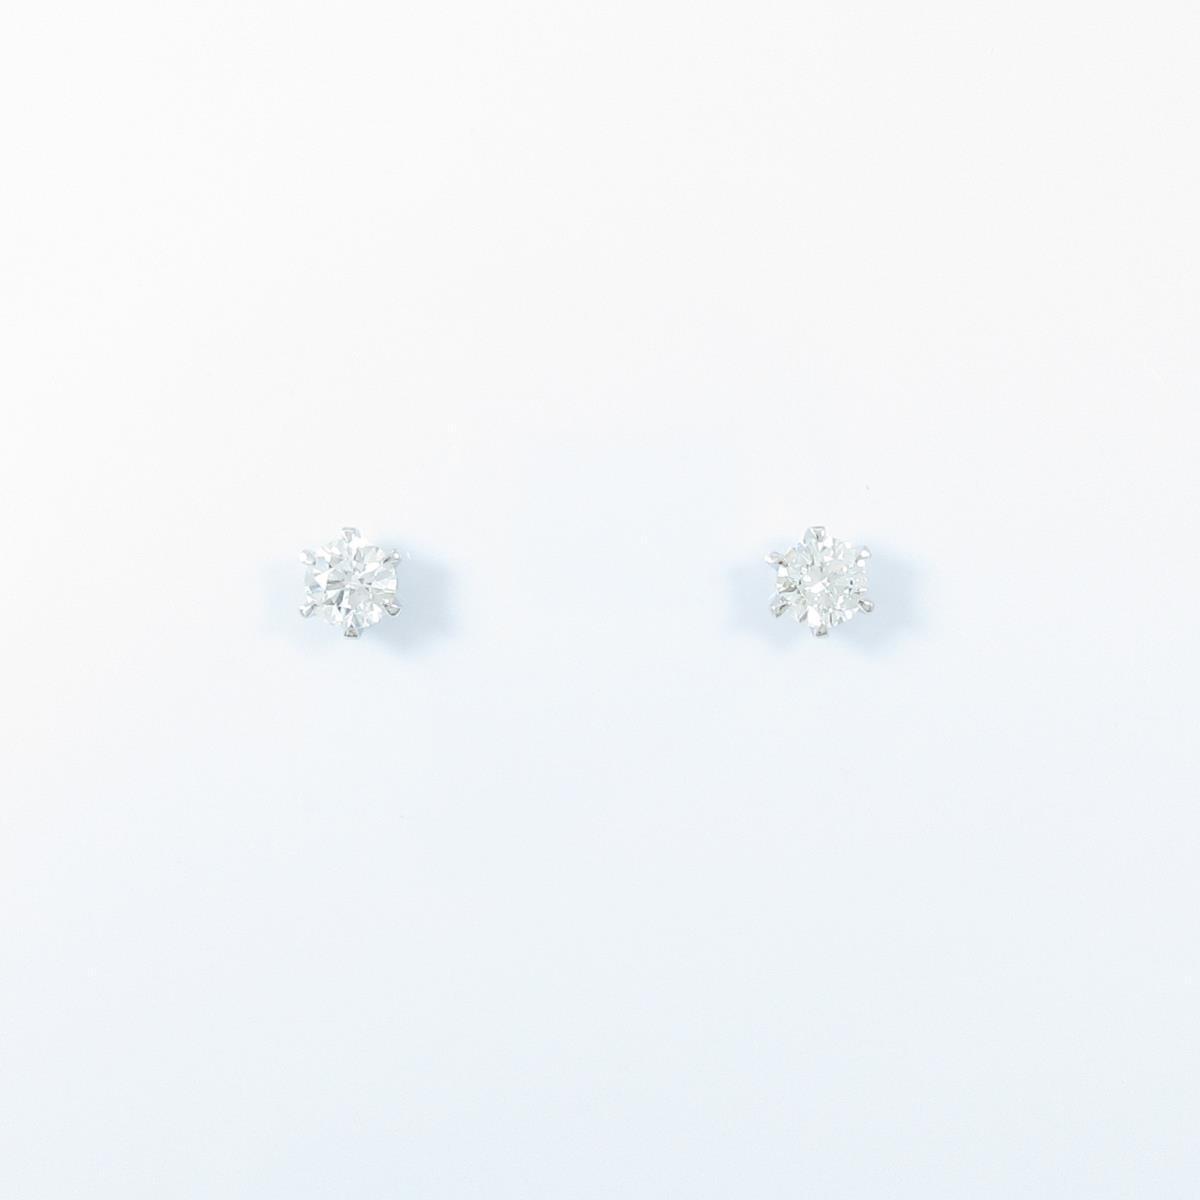 【リメイク】ST/プラチナダイヤモンドピアス 0.229ct・0.233ct・E-F・VS1-2・EXT【中古】